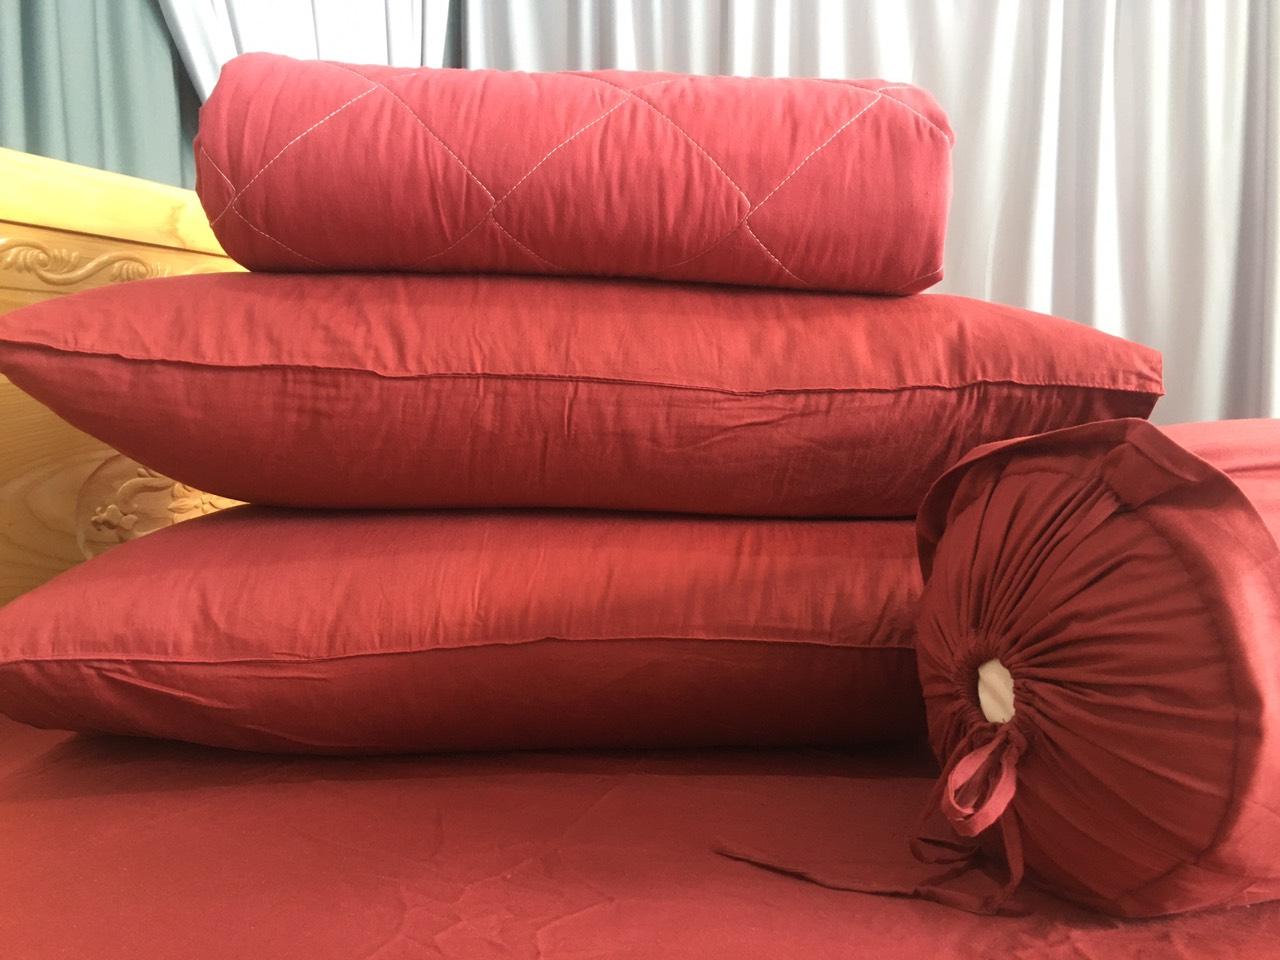 Drap Cotton Màu Trơn Sợi Cotton 100% Combo 4 Món - Màu Đỏ Đô